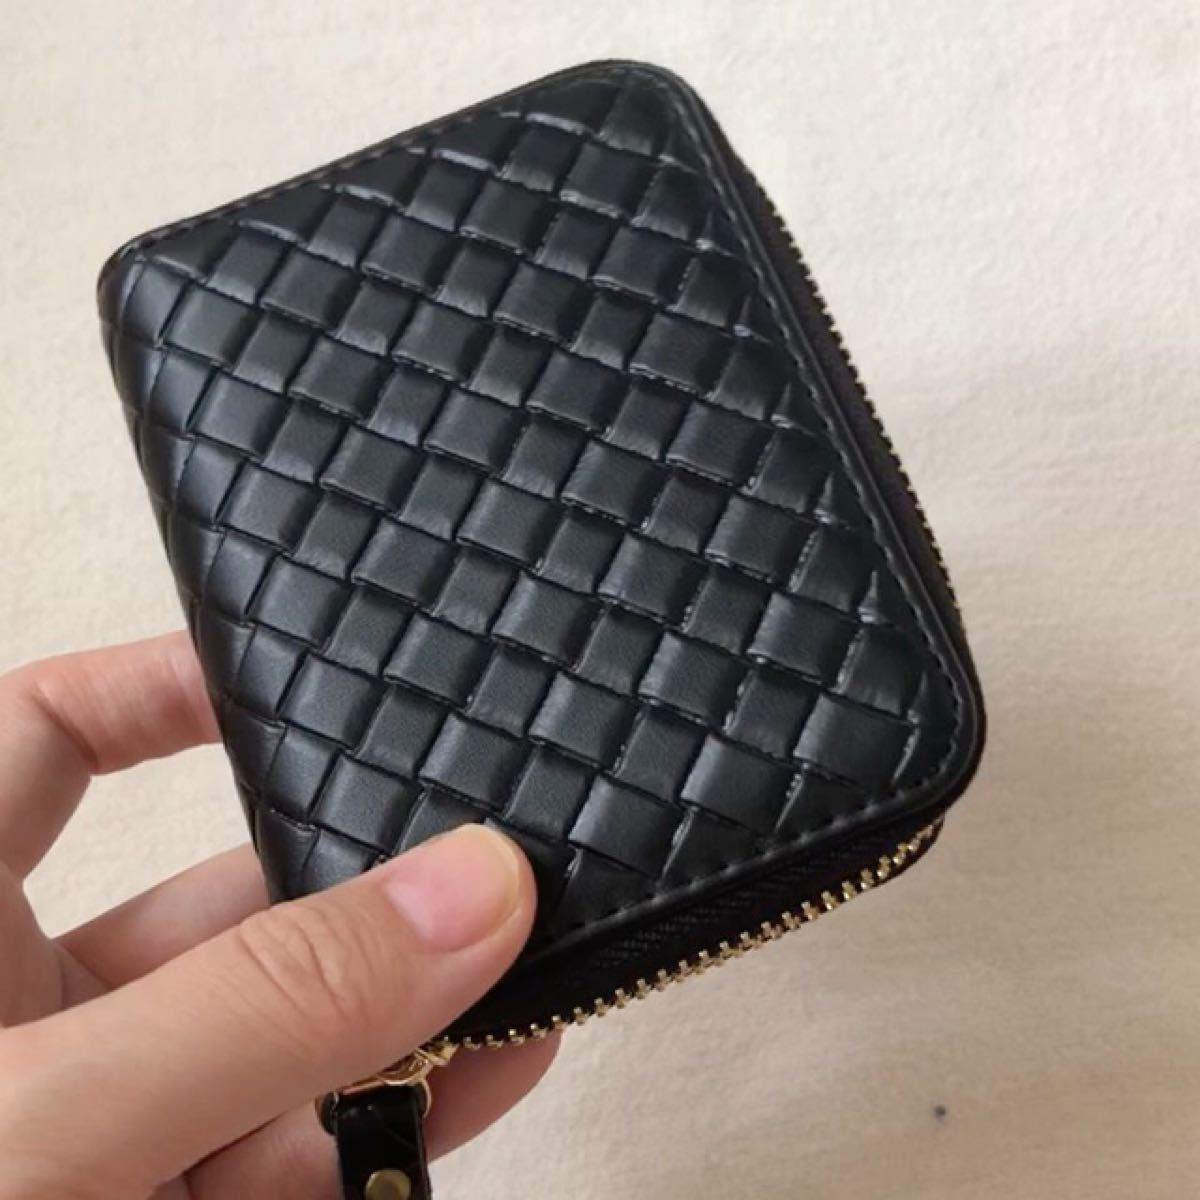 【新品】 高級感 カードケース 名刺入れ 小銭入れ男女兼用ミニ財布